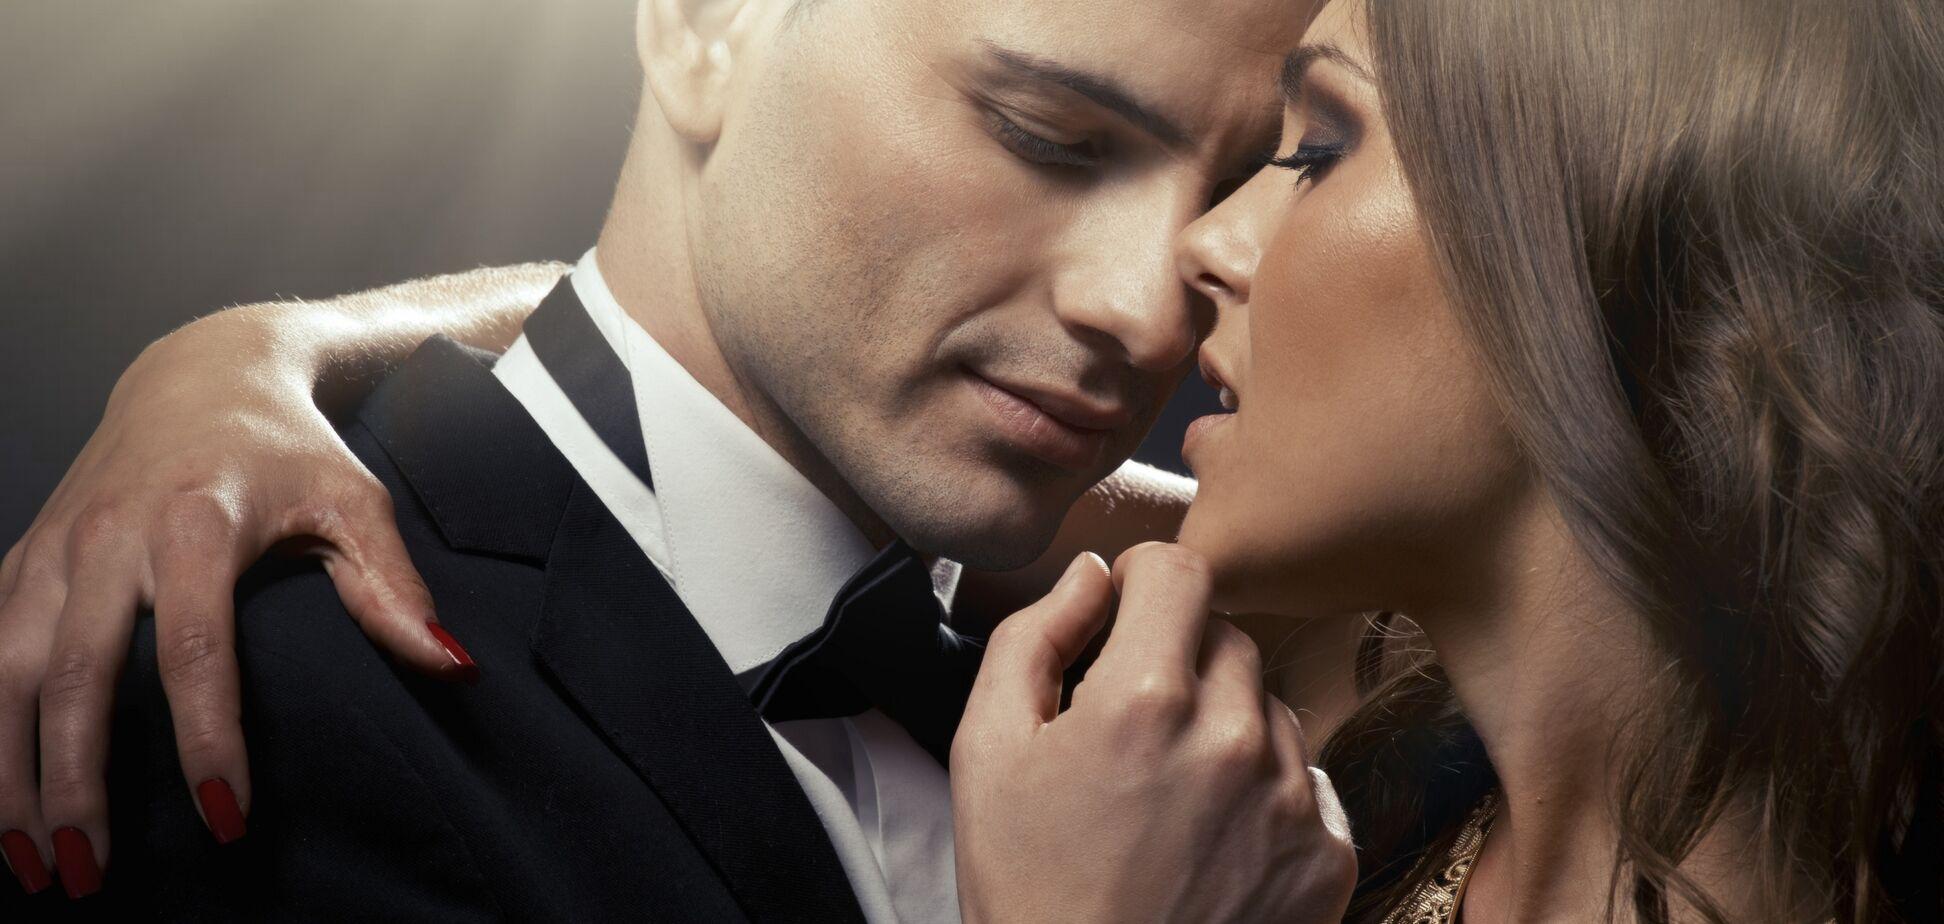 Делать или не делать мужчинам комплименты: плюсы и минусы для женщин